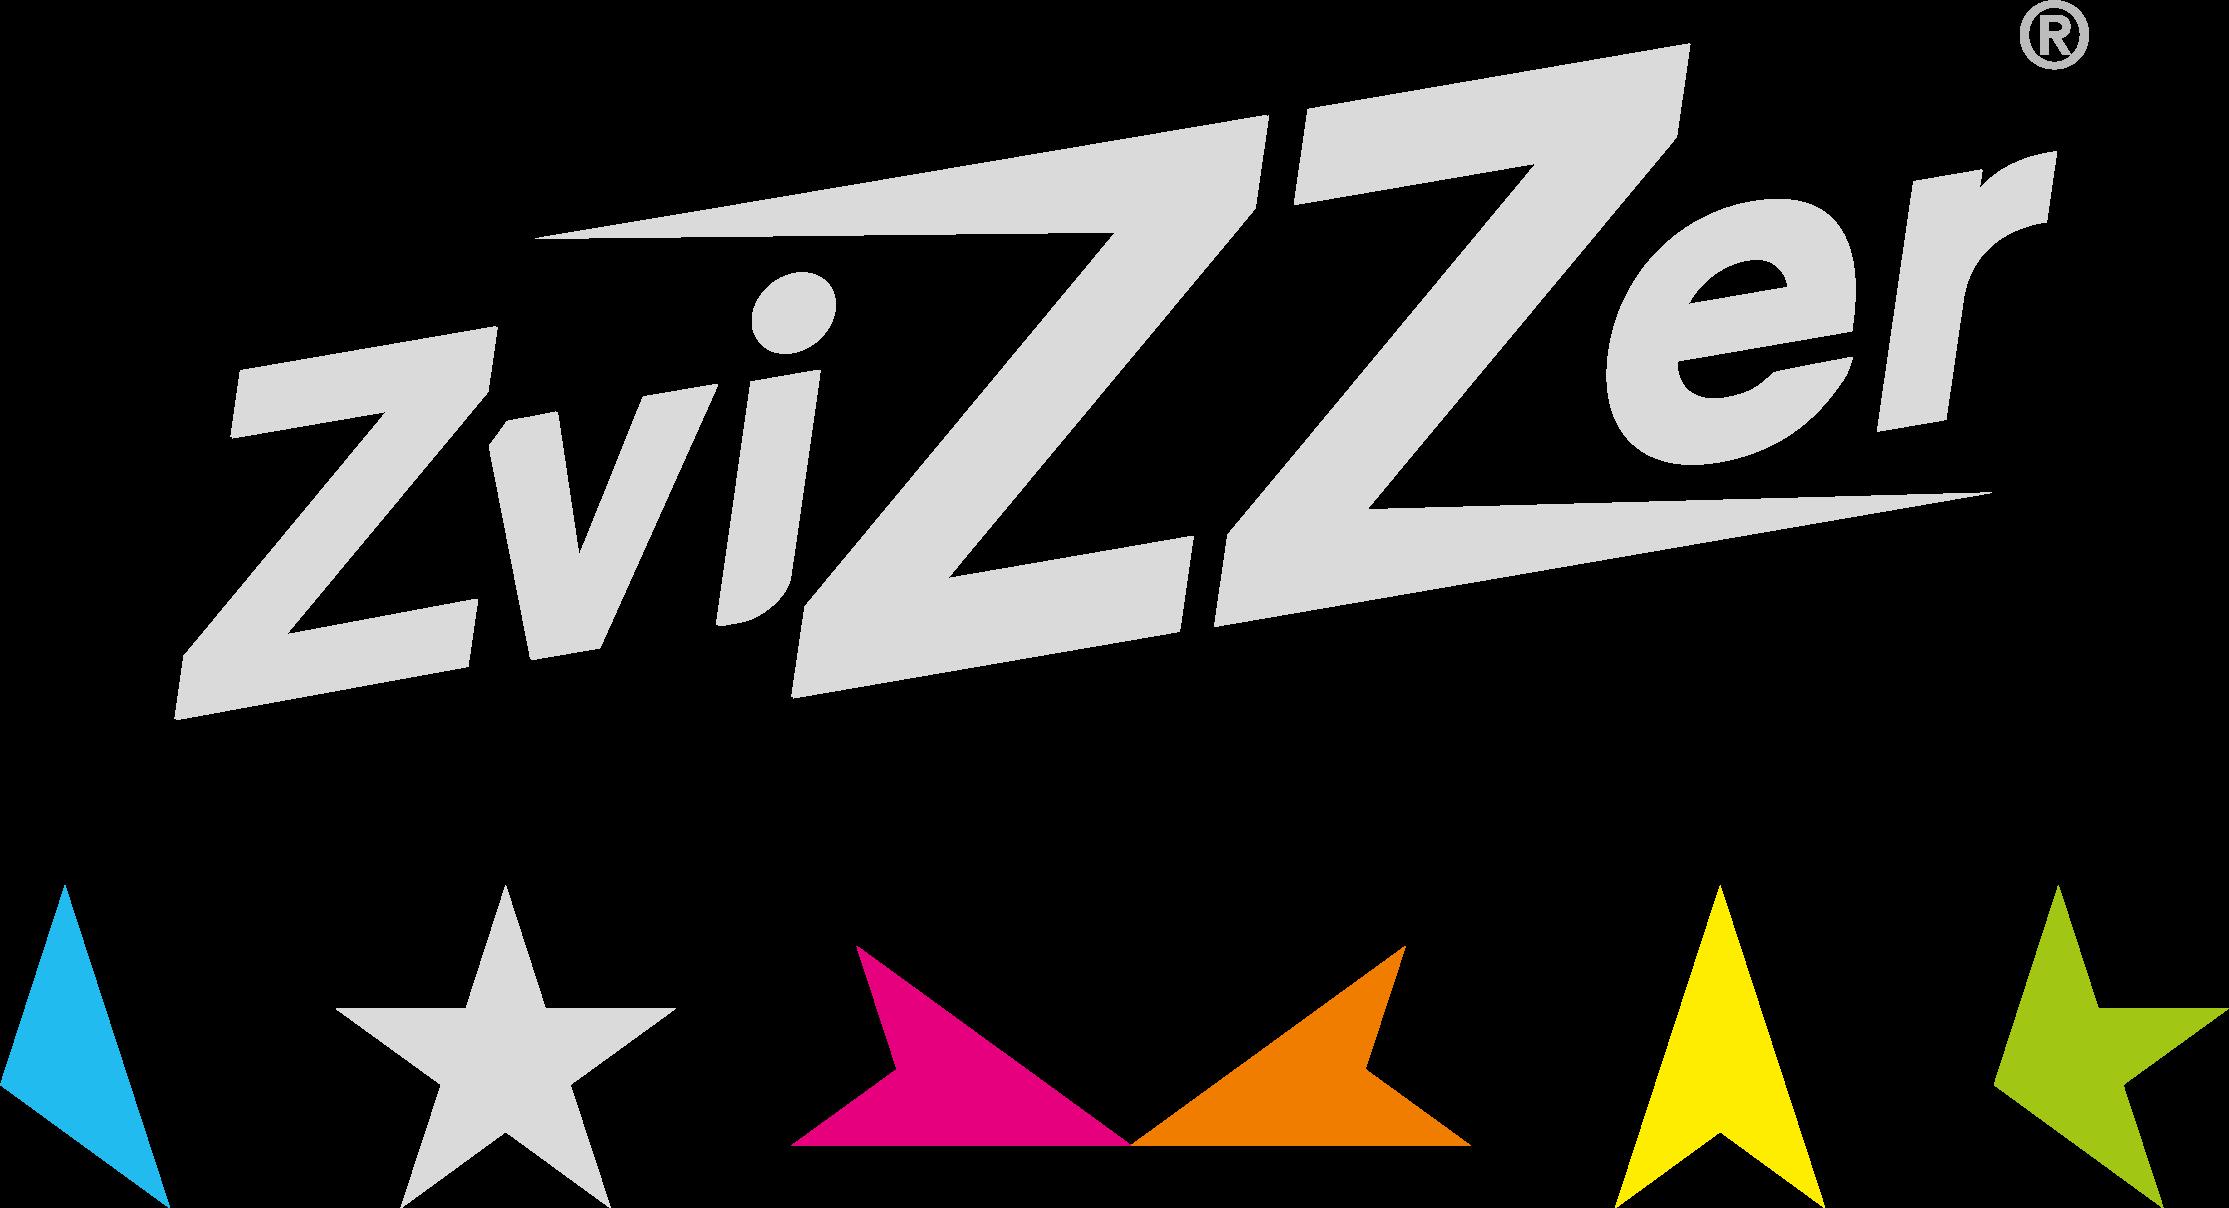 ZviZZer